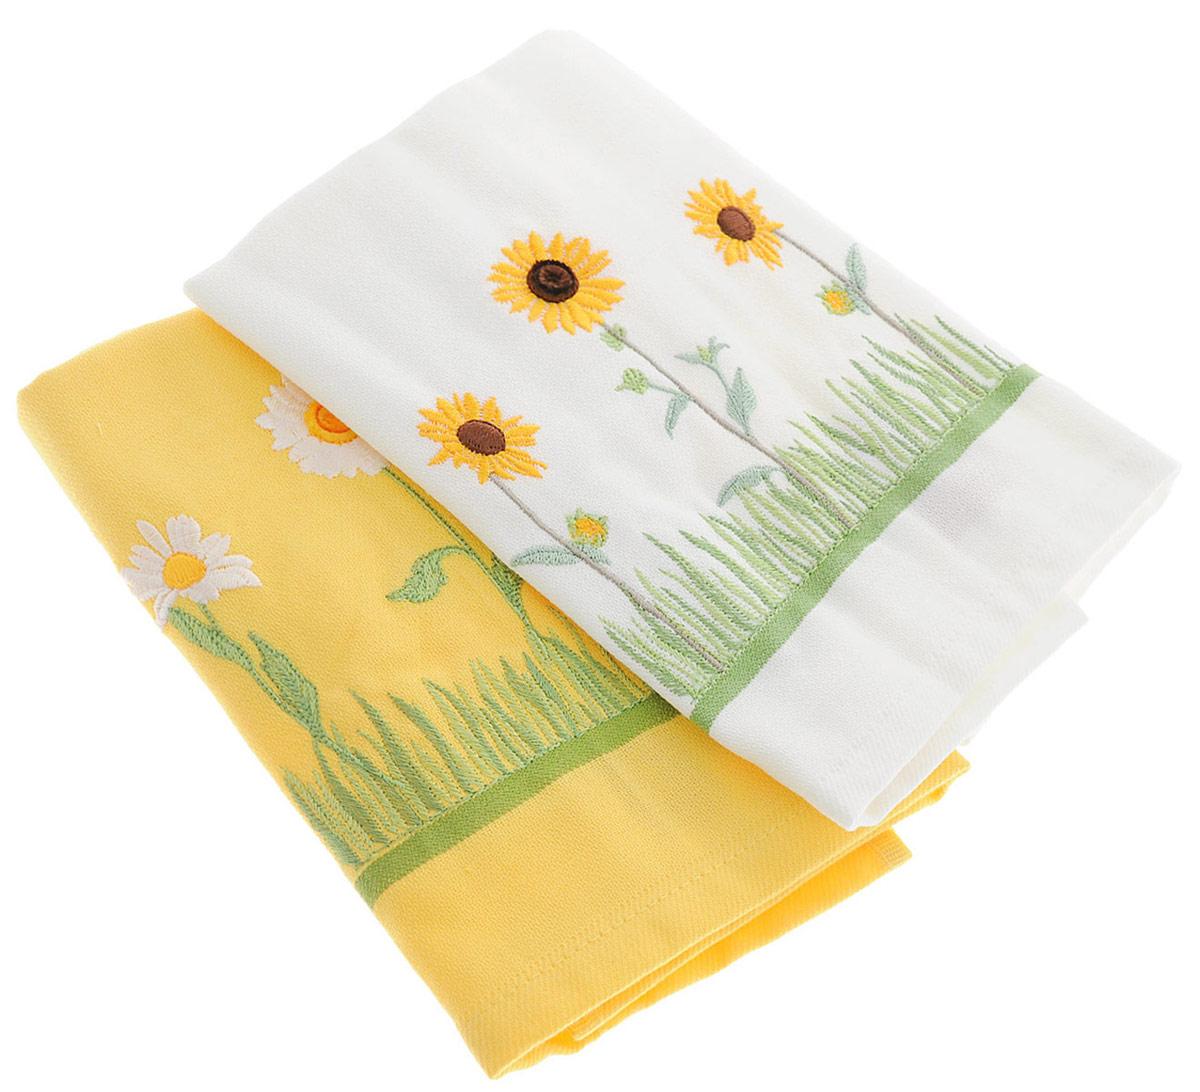 """Набор полотенец Bonita """"Цветы. Ромашки. Подсолнух"""", цвет: желтый, белый, 40 х 60 см, 2 шт"""